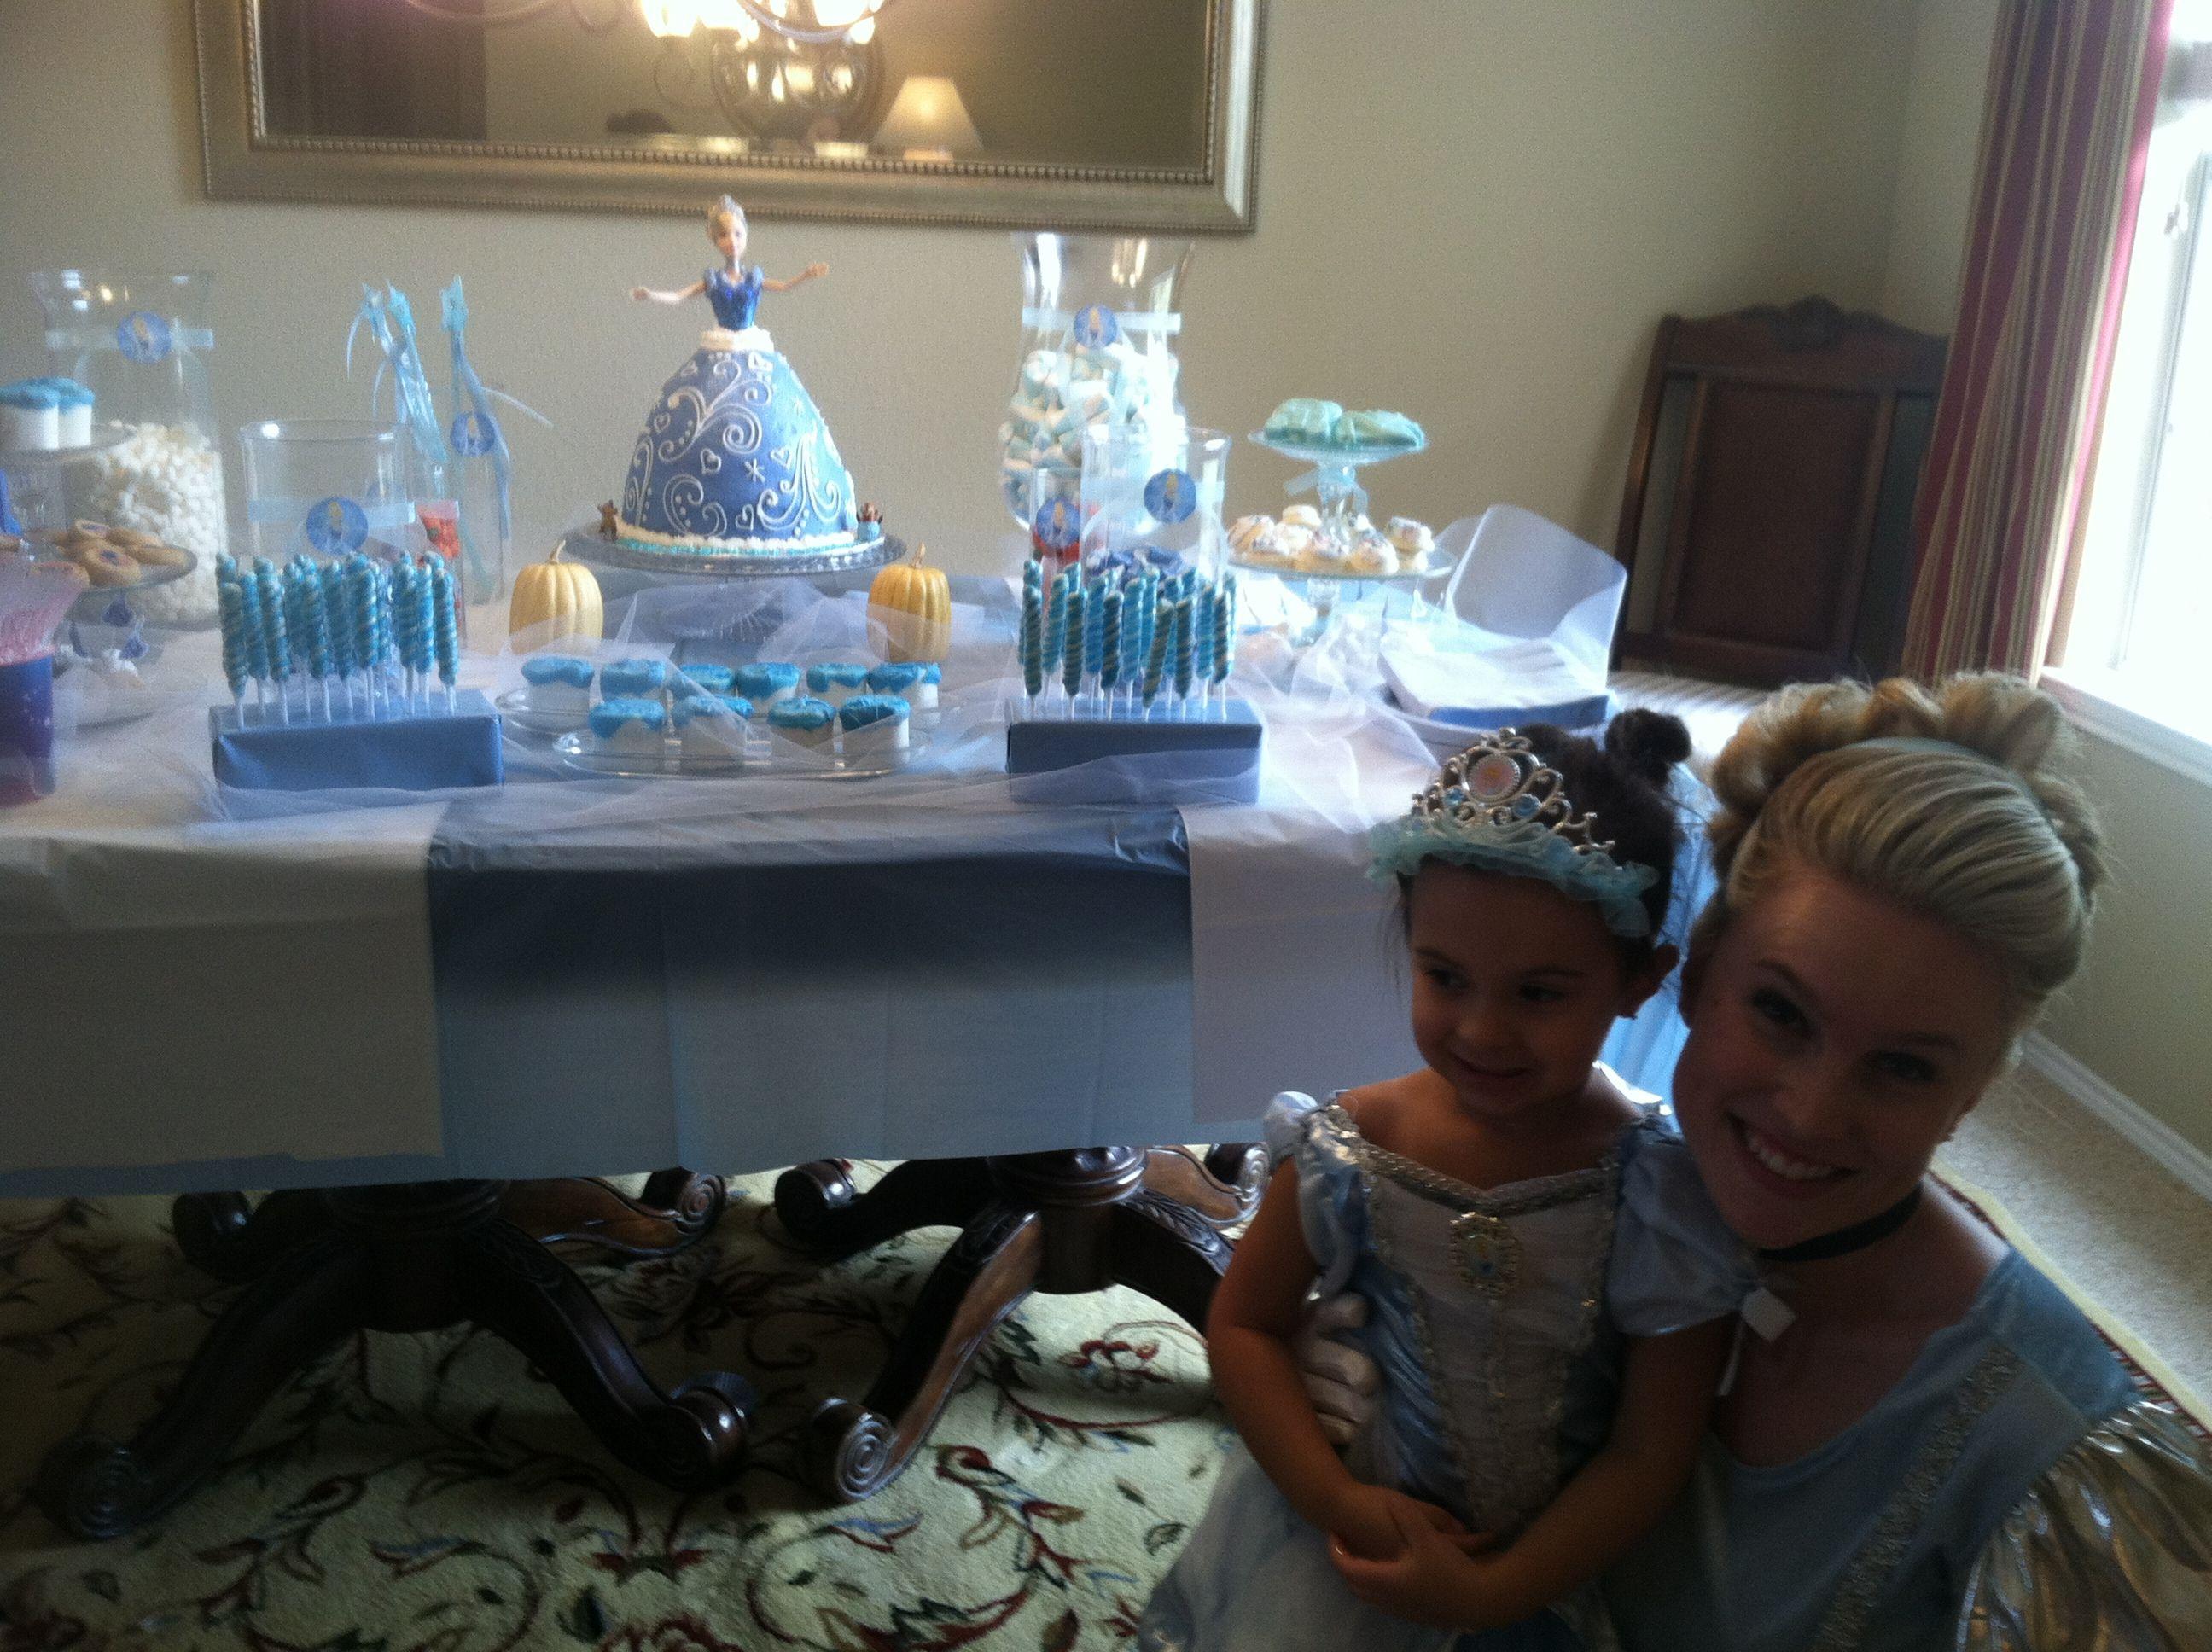 Audrey's cinderella princess birthday party!